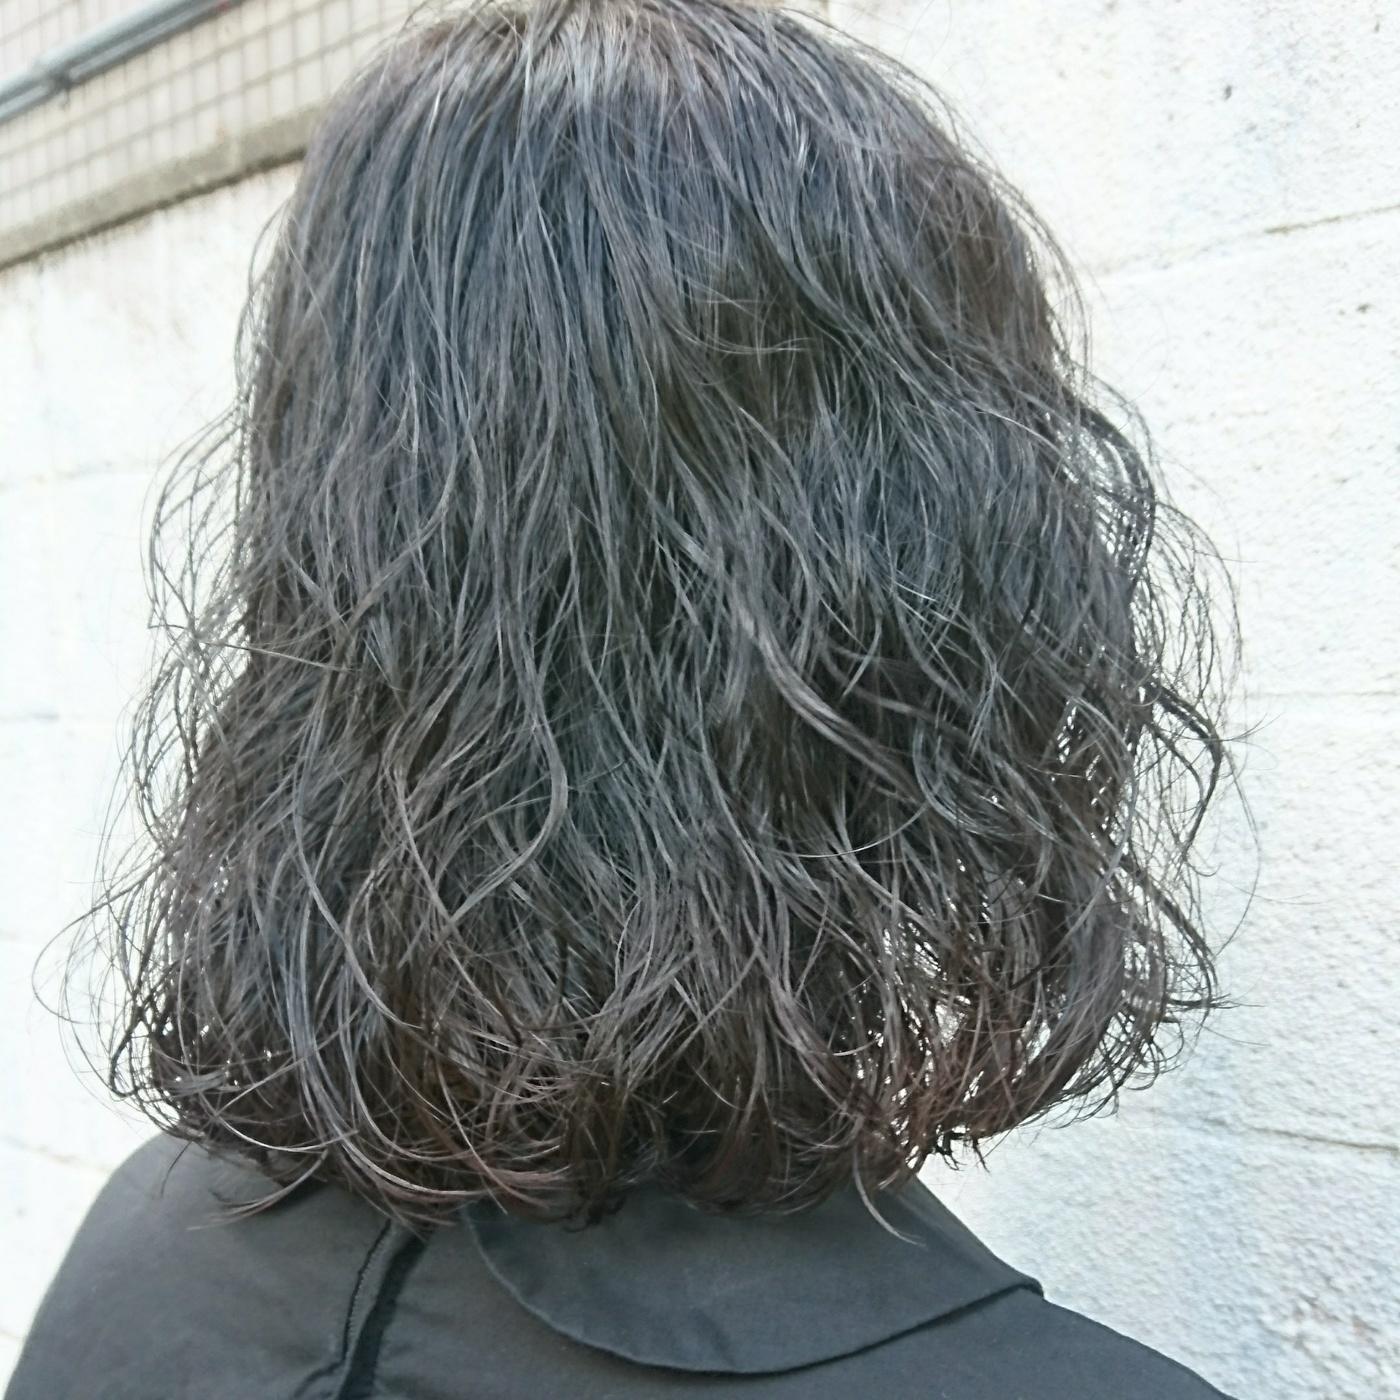 肩上の切りっぱなしボブのニュアンスパーマ☆ 地毛に近い透明感のあるブルージュカラーに♪  #カジュアル #ナチュラル #ニュアンスパーマ #ウェーブボブ #ボブ #ロブ #パーマ #パーマヘア #パーマボブ #ボブパーマ #ブルージュ